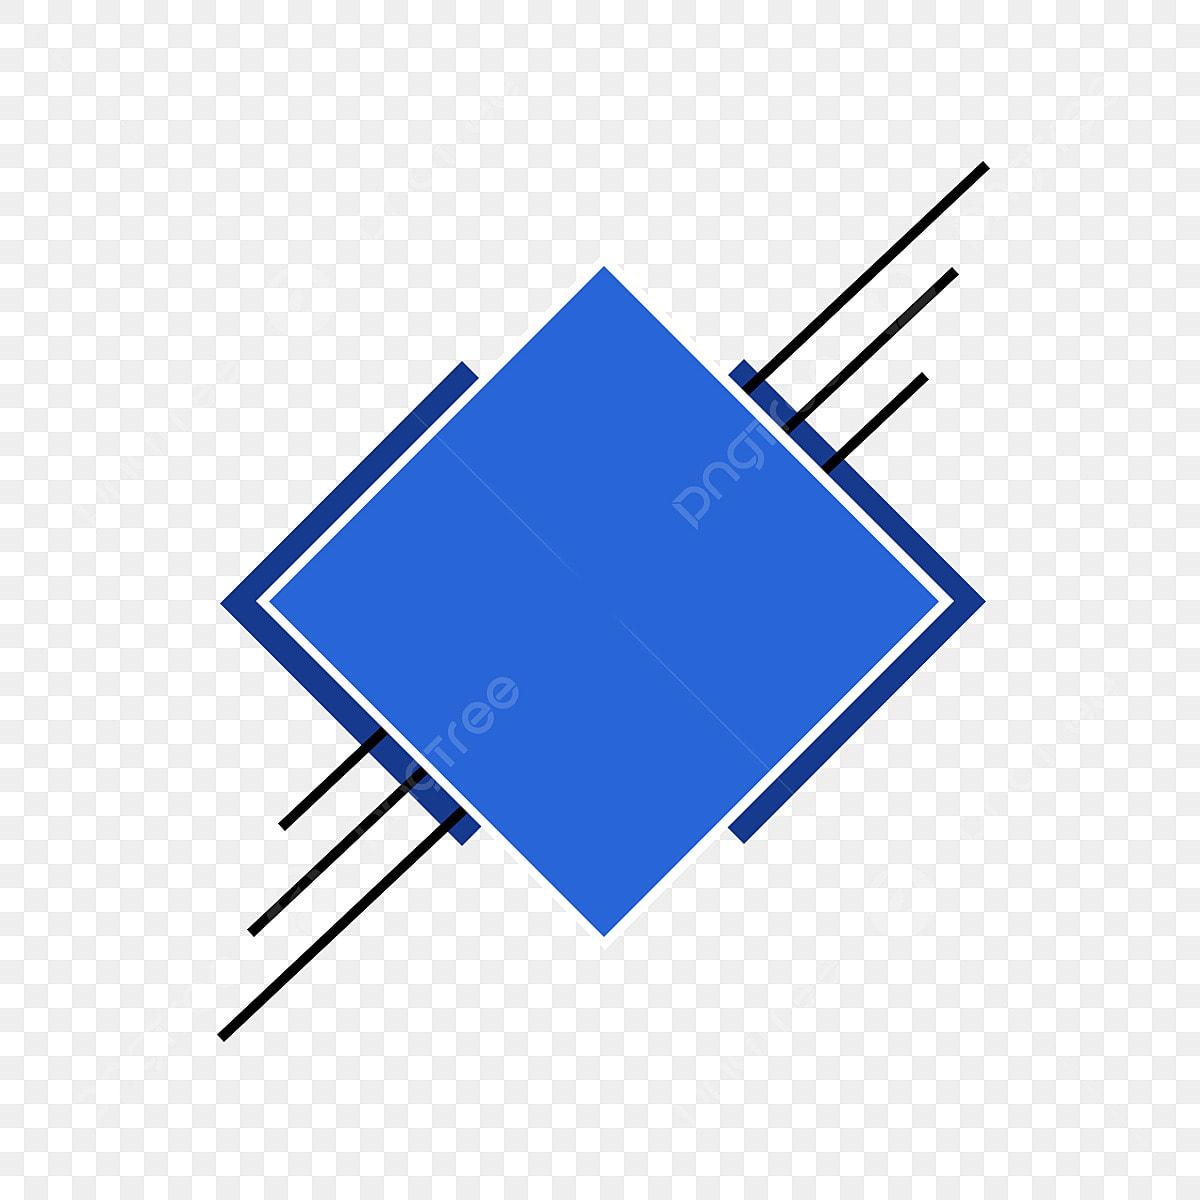 شكل الخلفية الأشكال Clipart شكل تأثير Png وملف Psd للتحميل مجانا